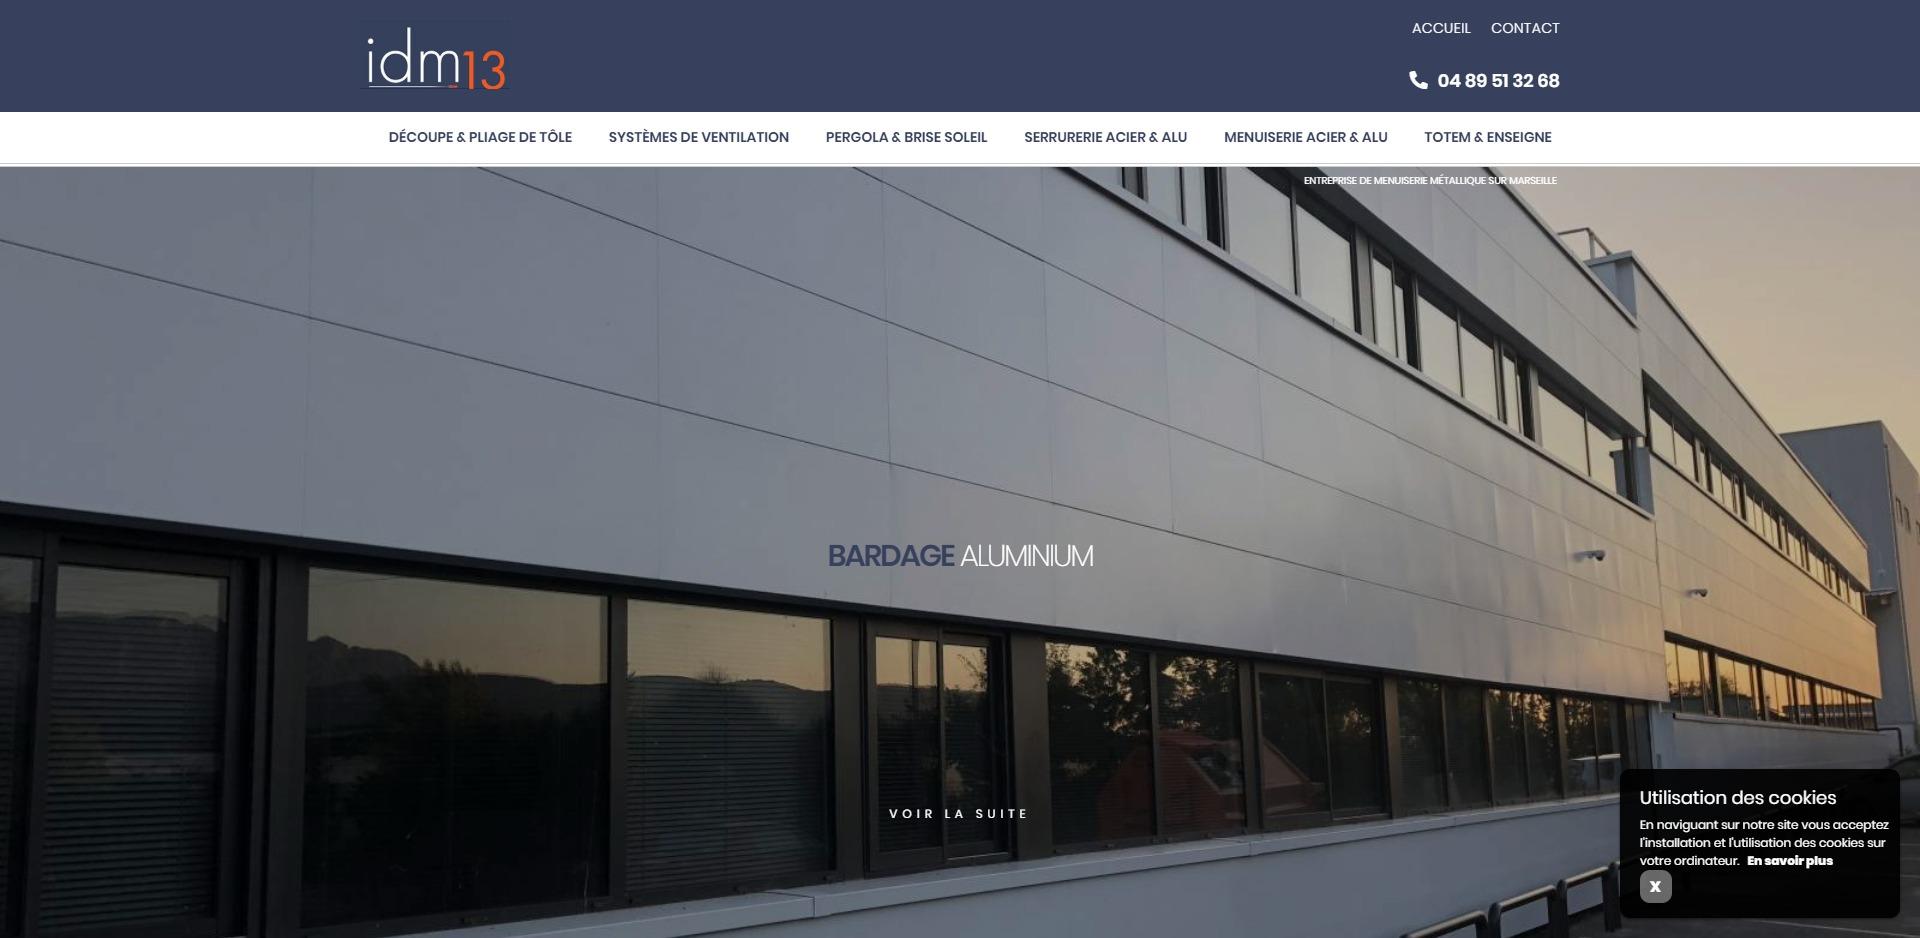 Création et référencement de site internet pour Atelier de découpe ...